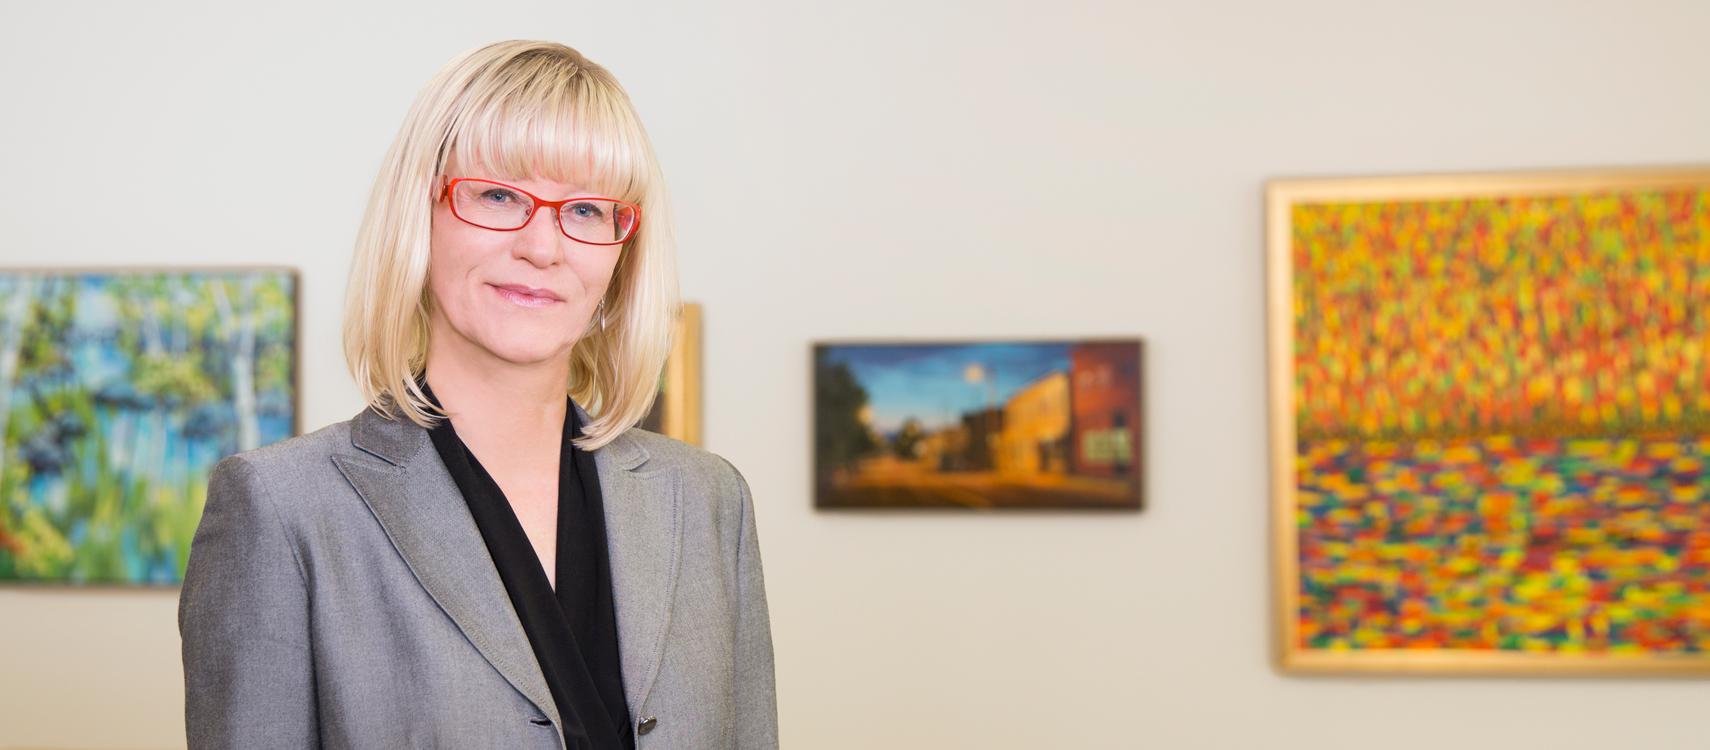 Bettina Quistgaard